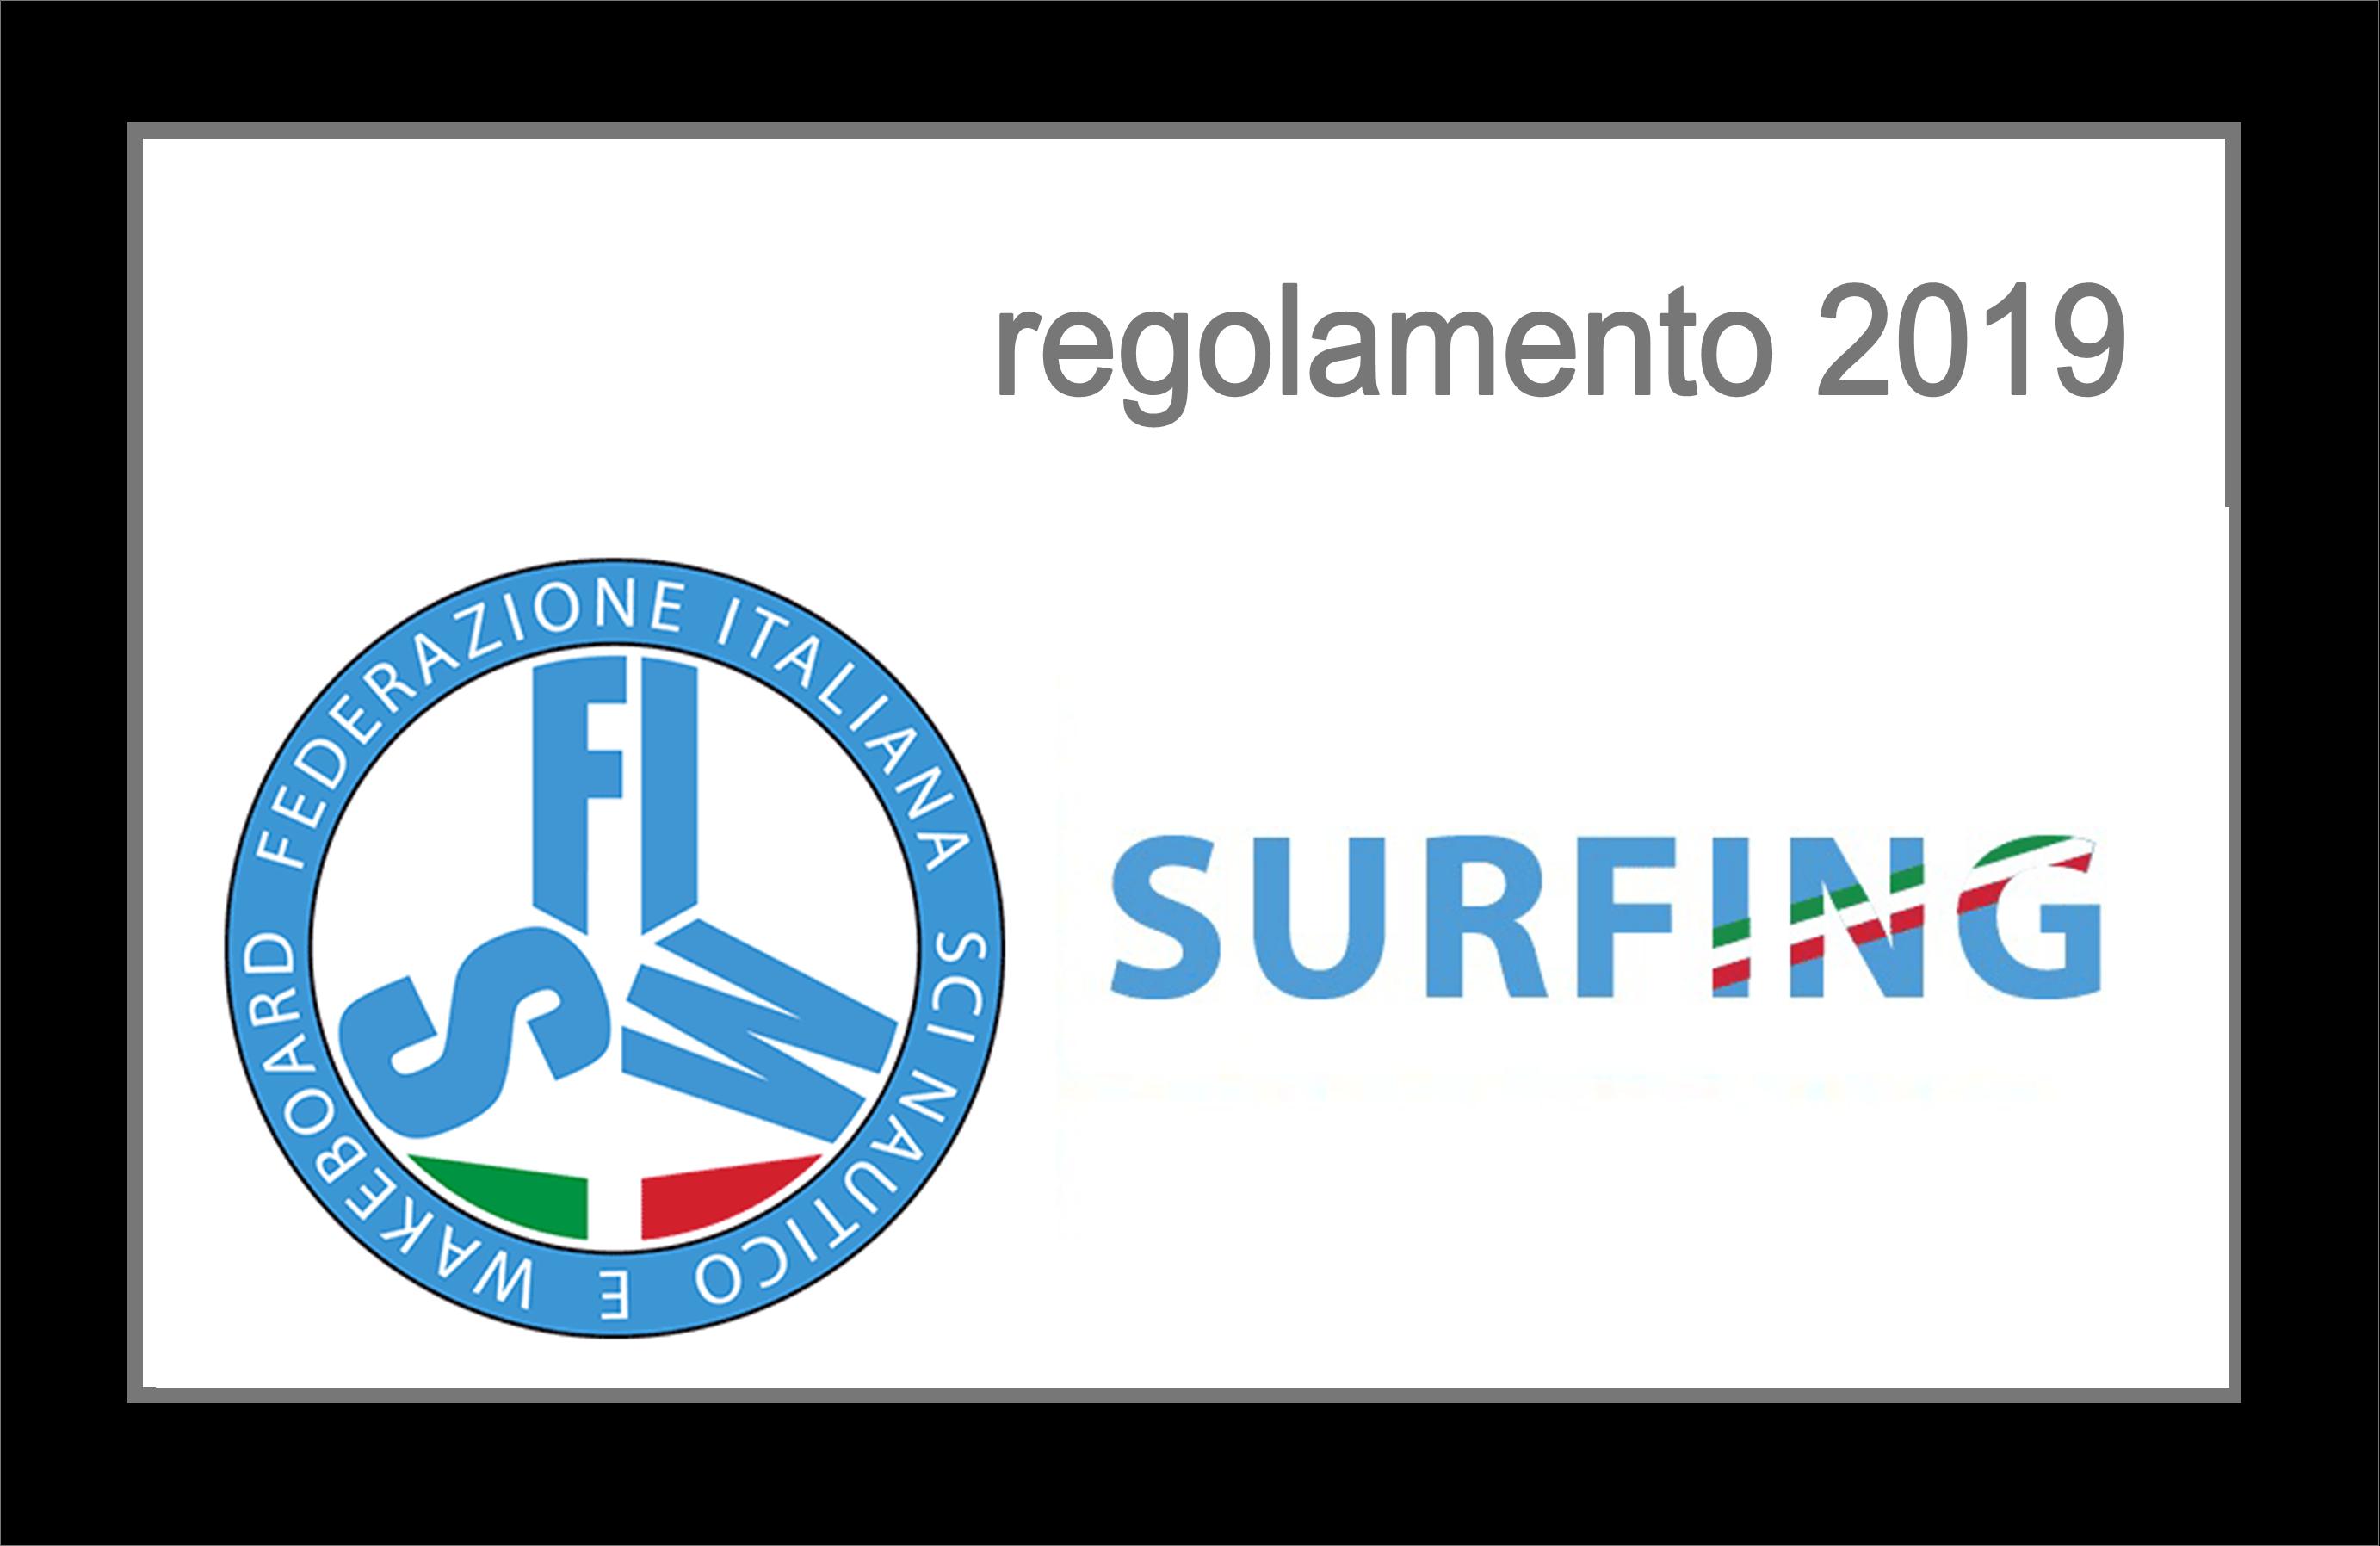 Surfing FISW # regolamenti